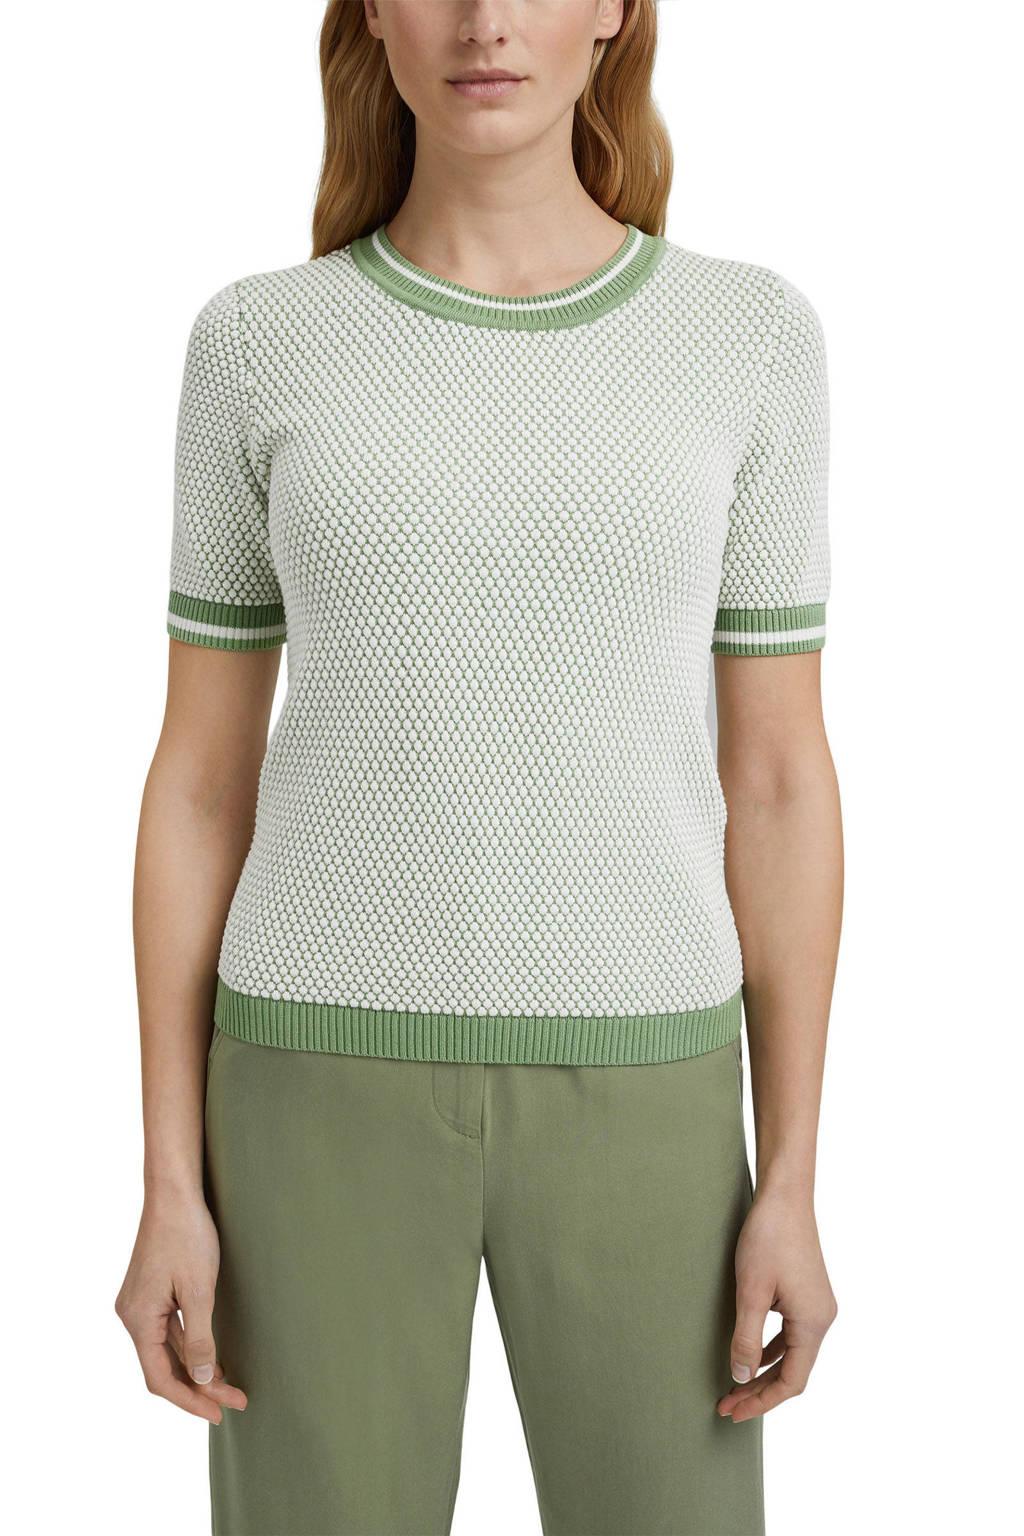 ESPRIT Women Casual gebreide top met biologisch katoen groen, Groen